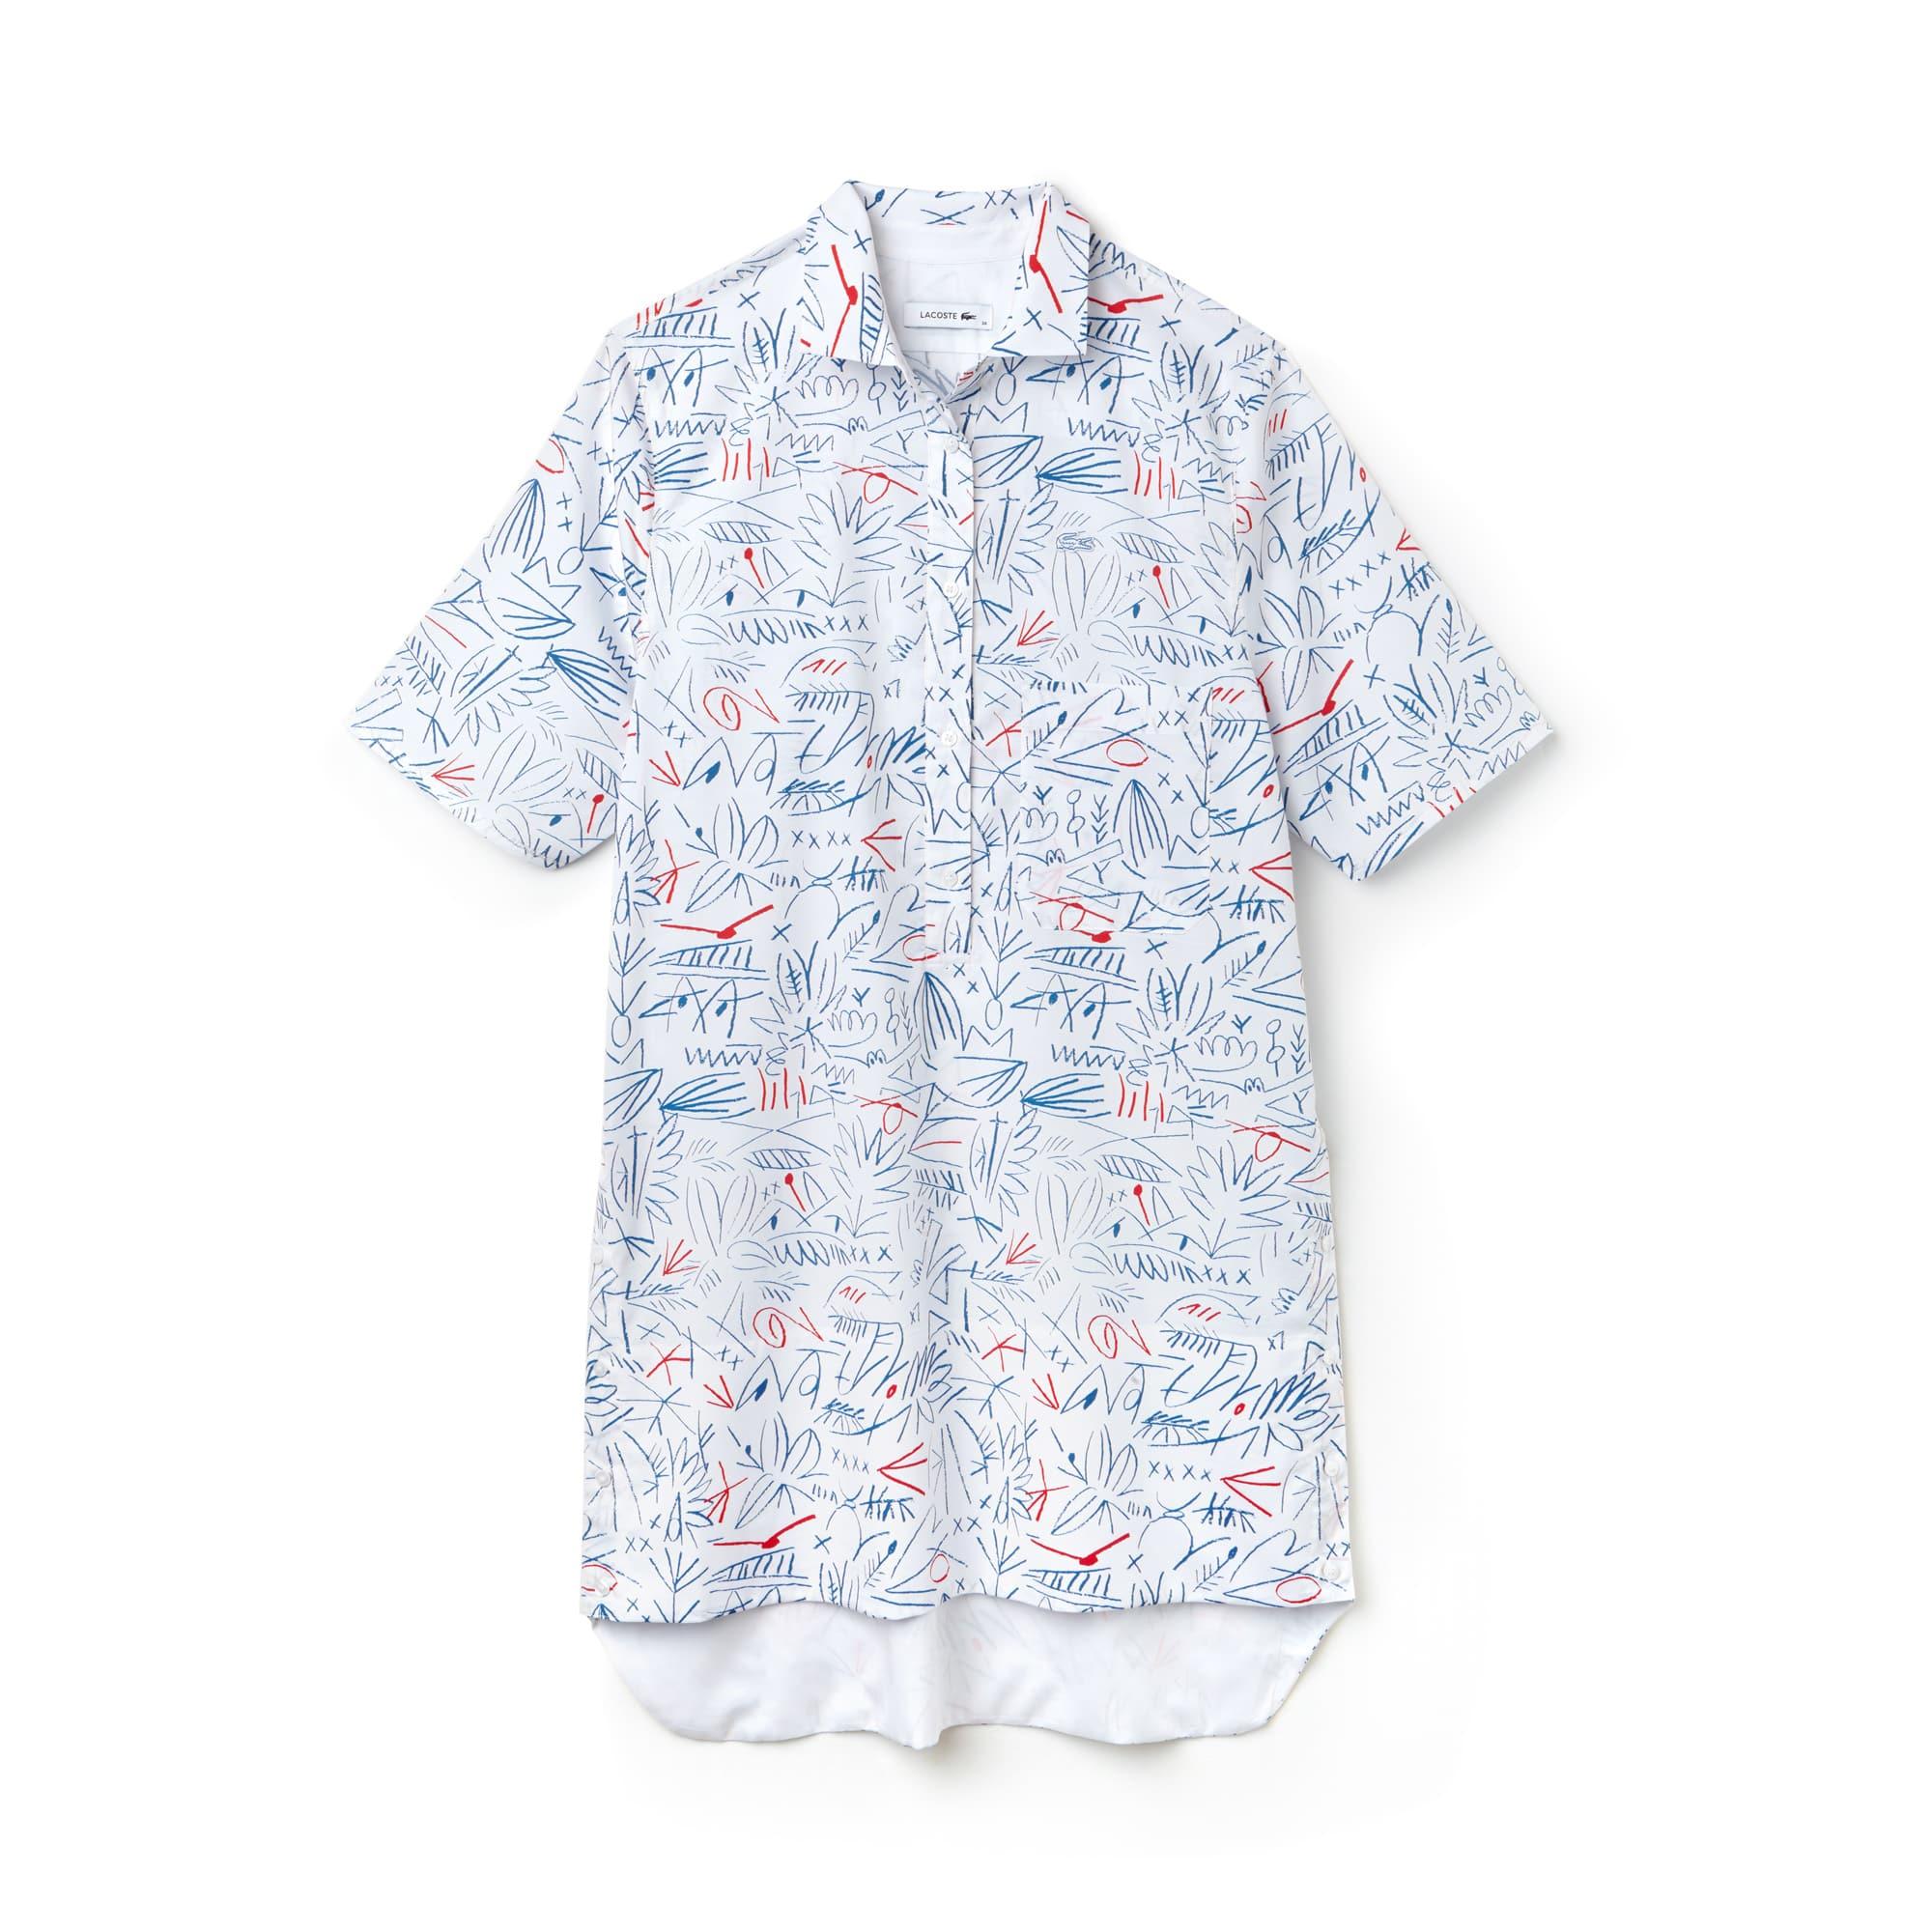 Vestido camisero de sarga de algodón estampado